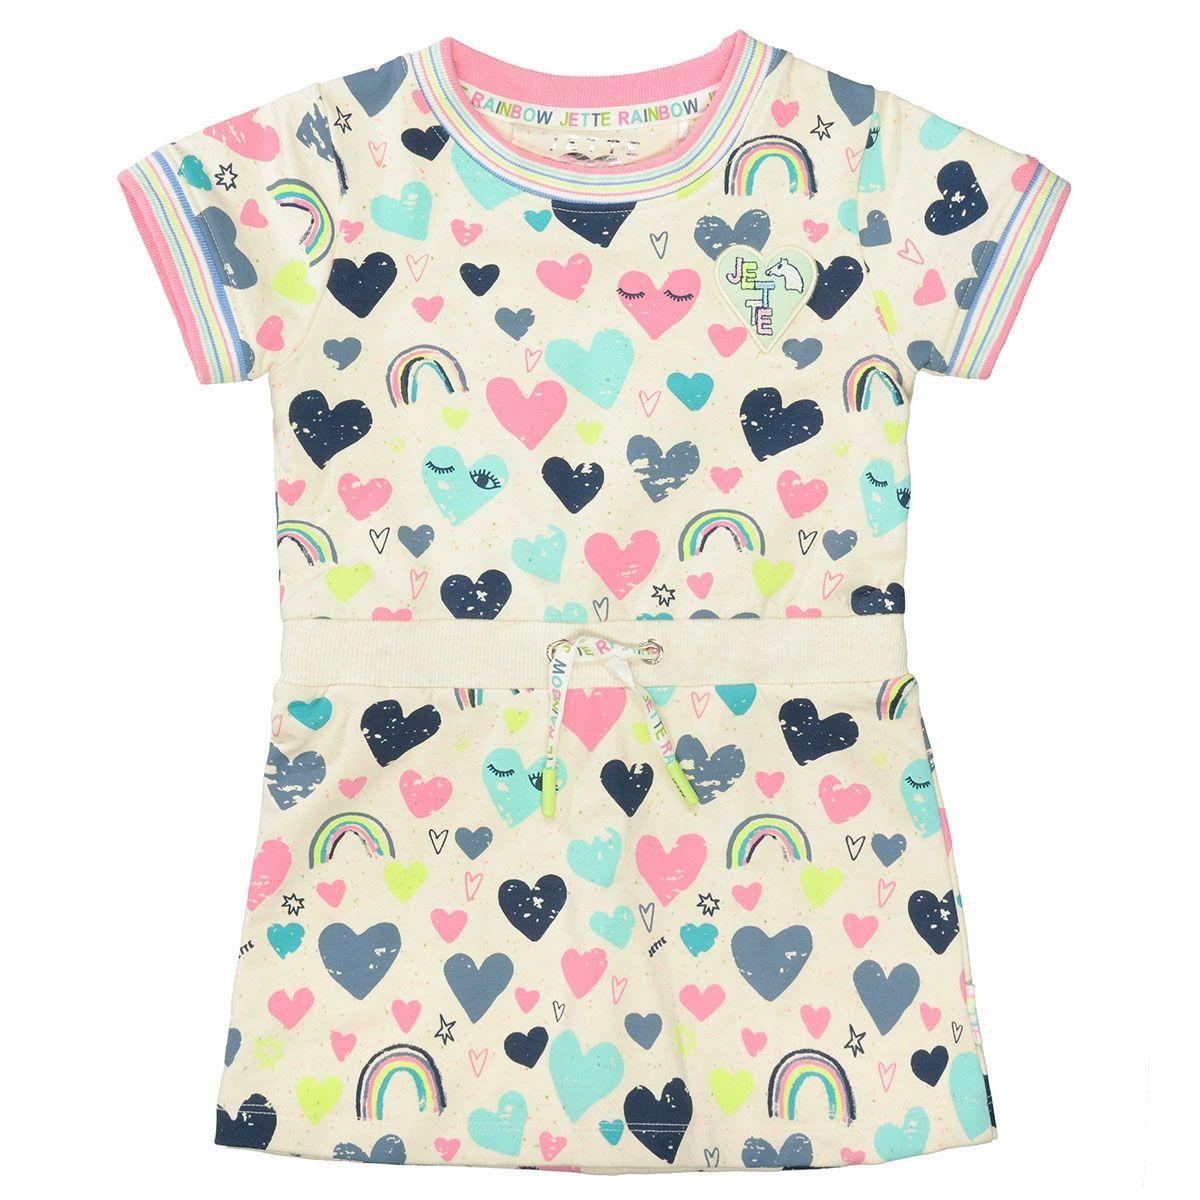 JETTE Sweat Kleid mit bunten Allover-Prints und Neppys - Softwhite